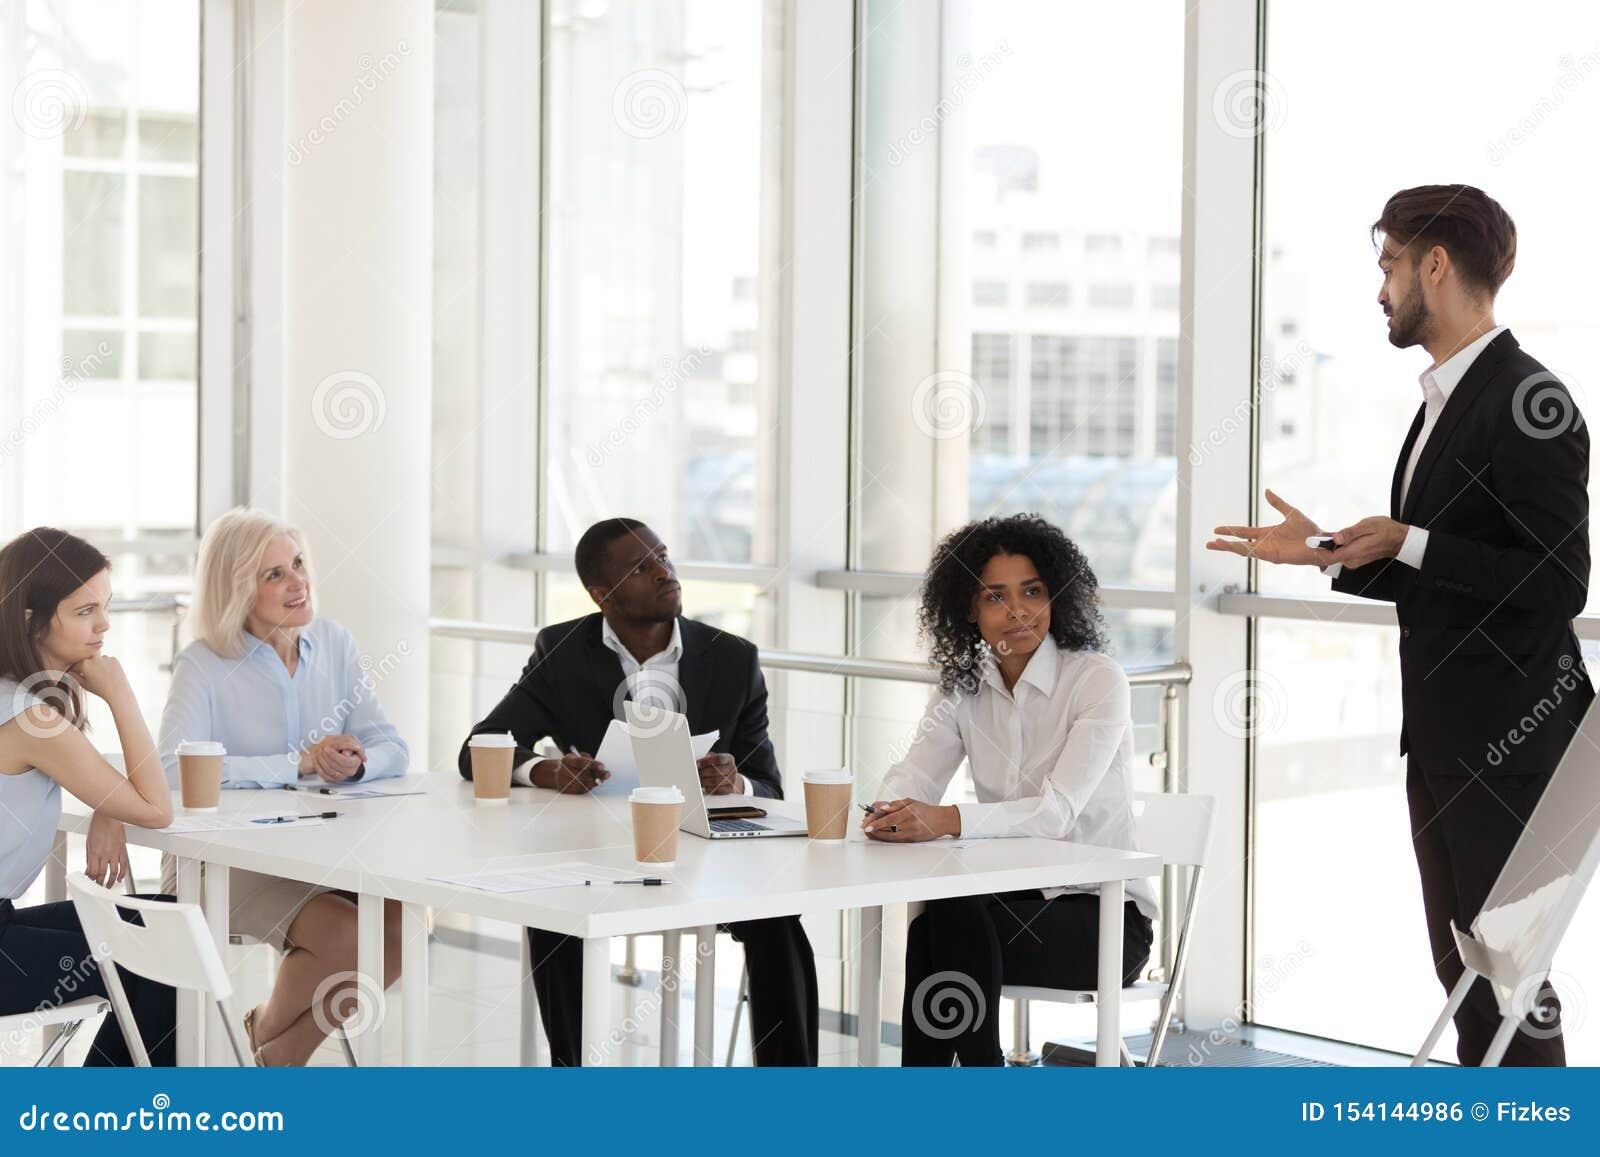 De diverse werknemers op bedrijfvergadering met zaken trainen of mentor